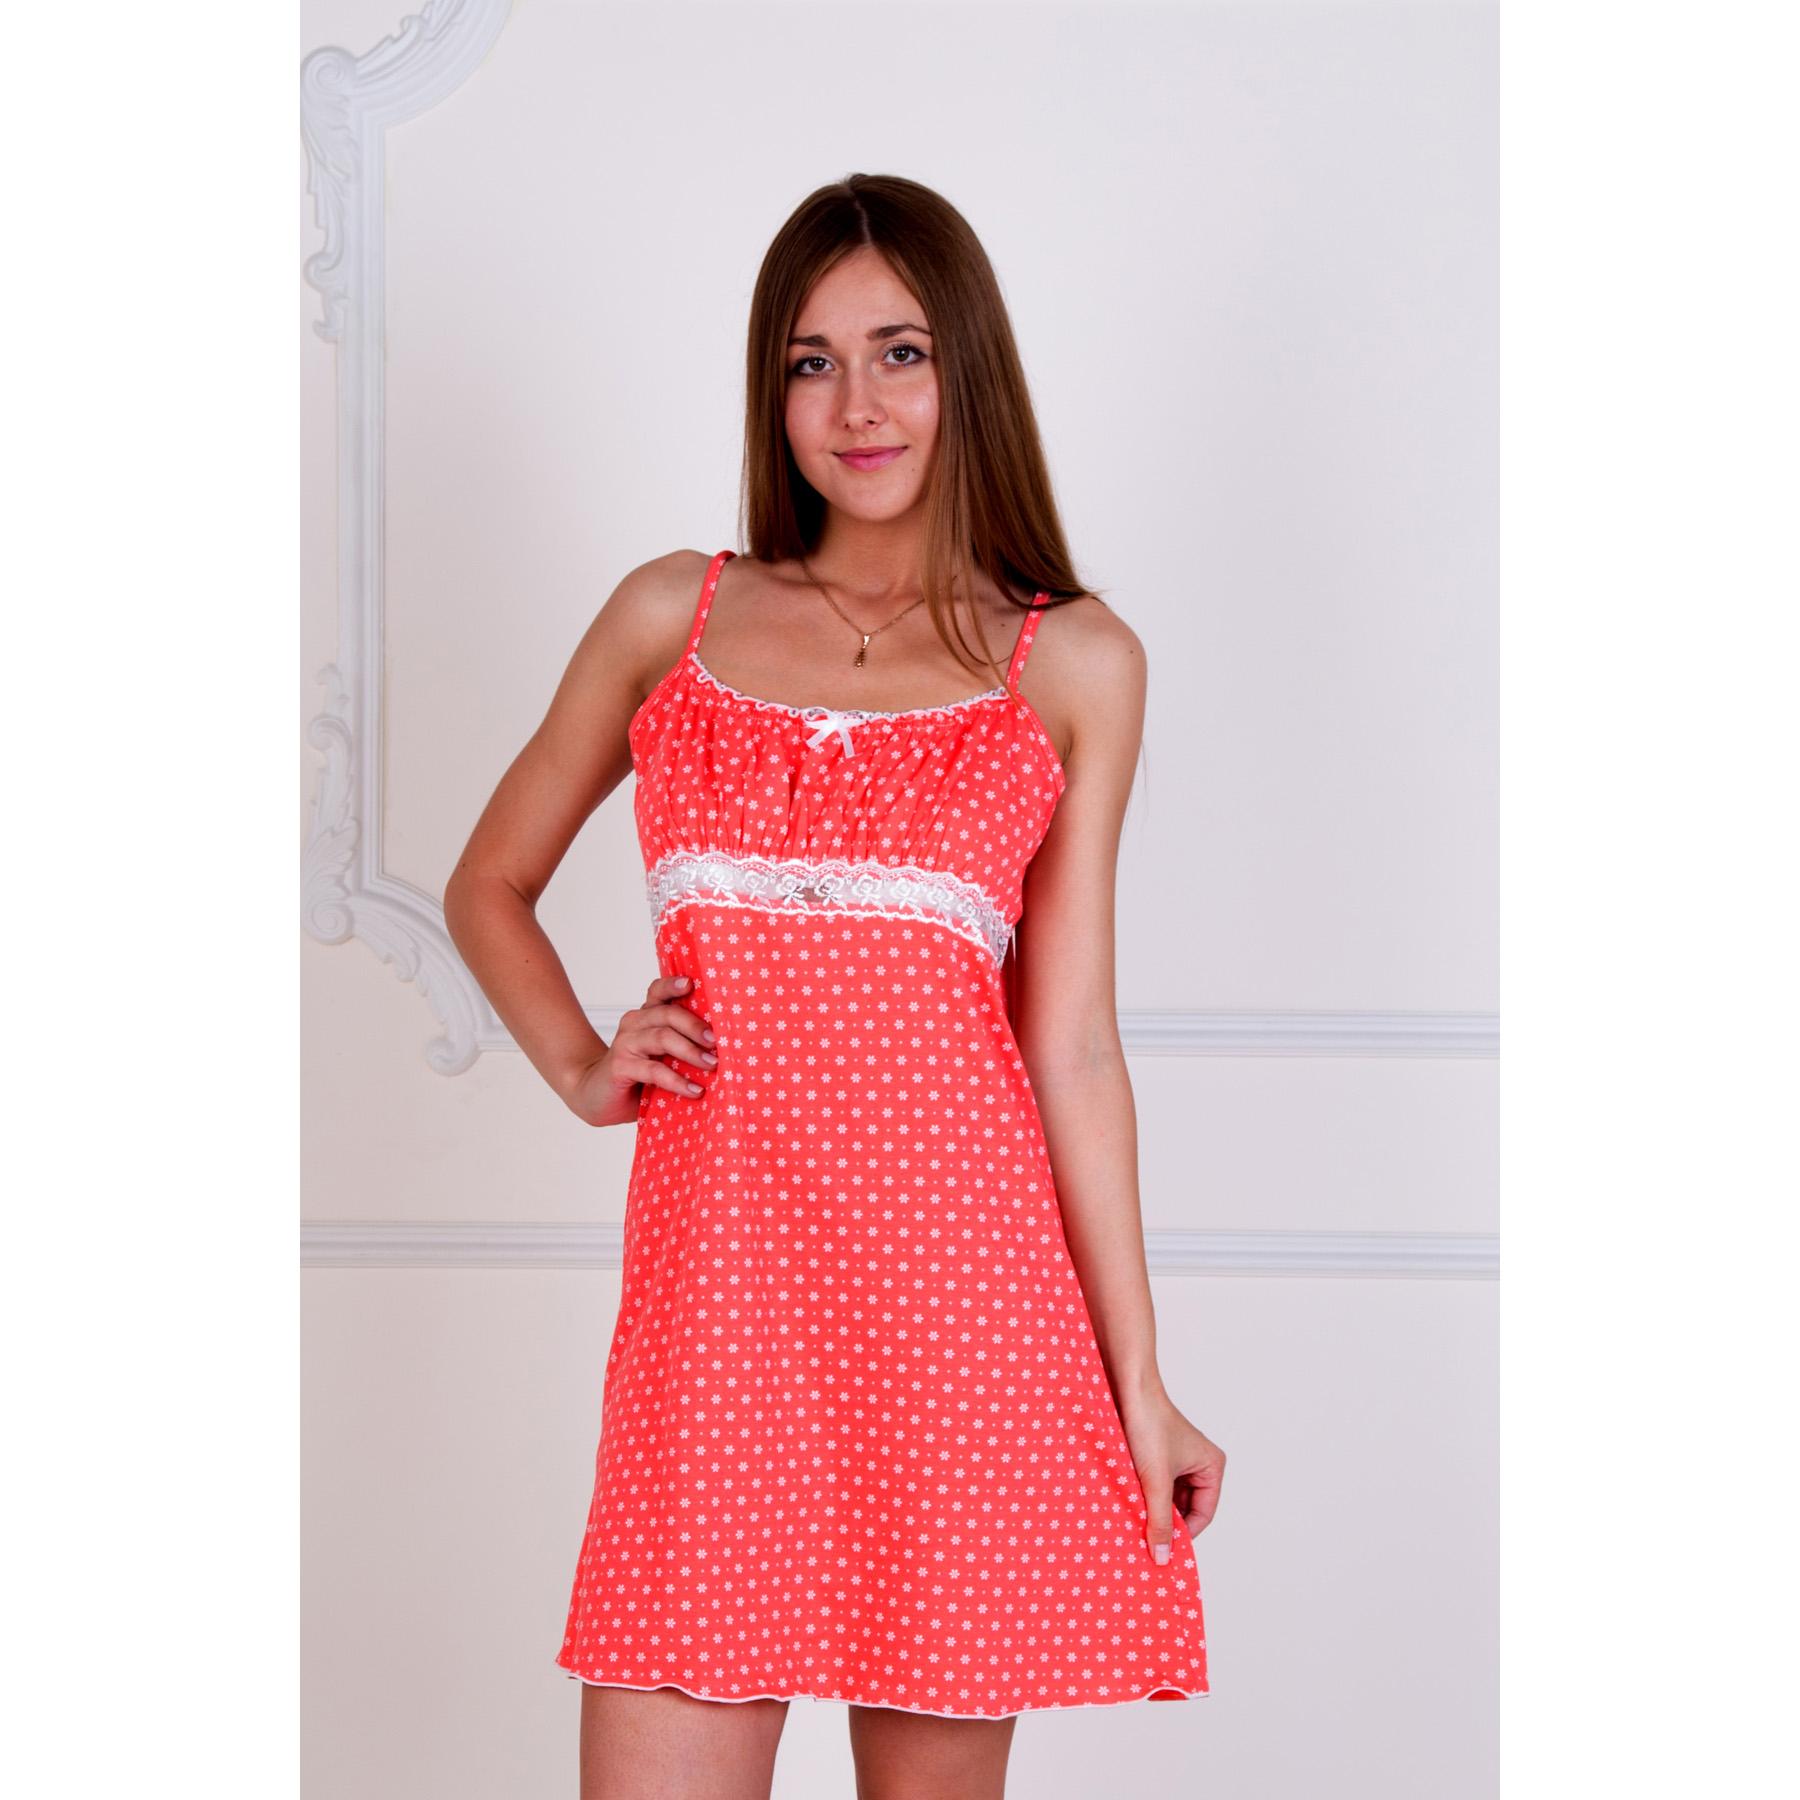 Женская сорочка Неженка Коралловый, размер 46Ночные сорочки<br>Обхват груди:92 см<br>Обхват талии:74 см<br>Обхват бедер:100 см<br>Рост:167 см<br><br>Тип: Жен. сорочка<br>Размер: 46<br>Материал: Кулирка